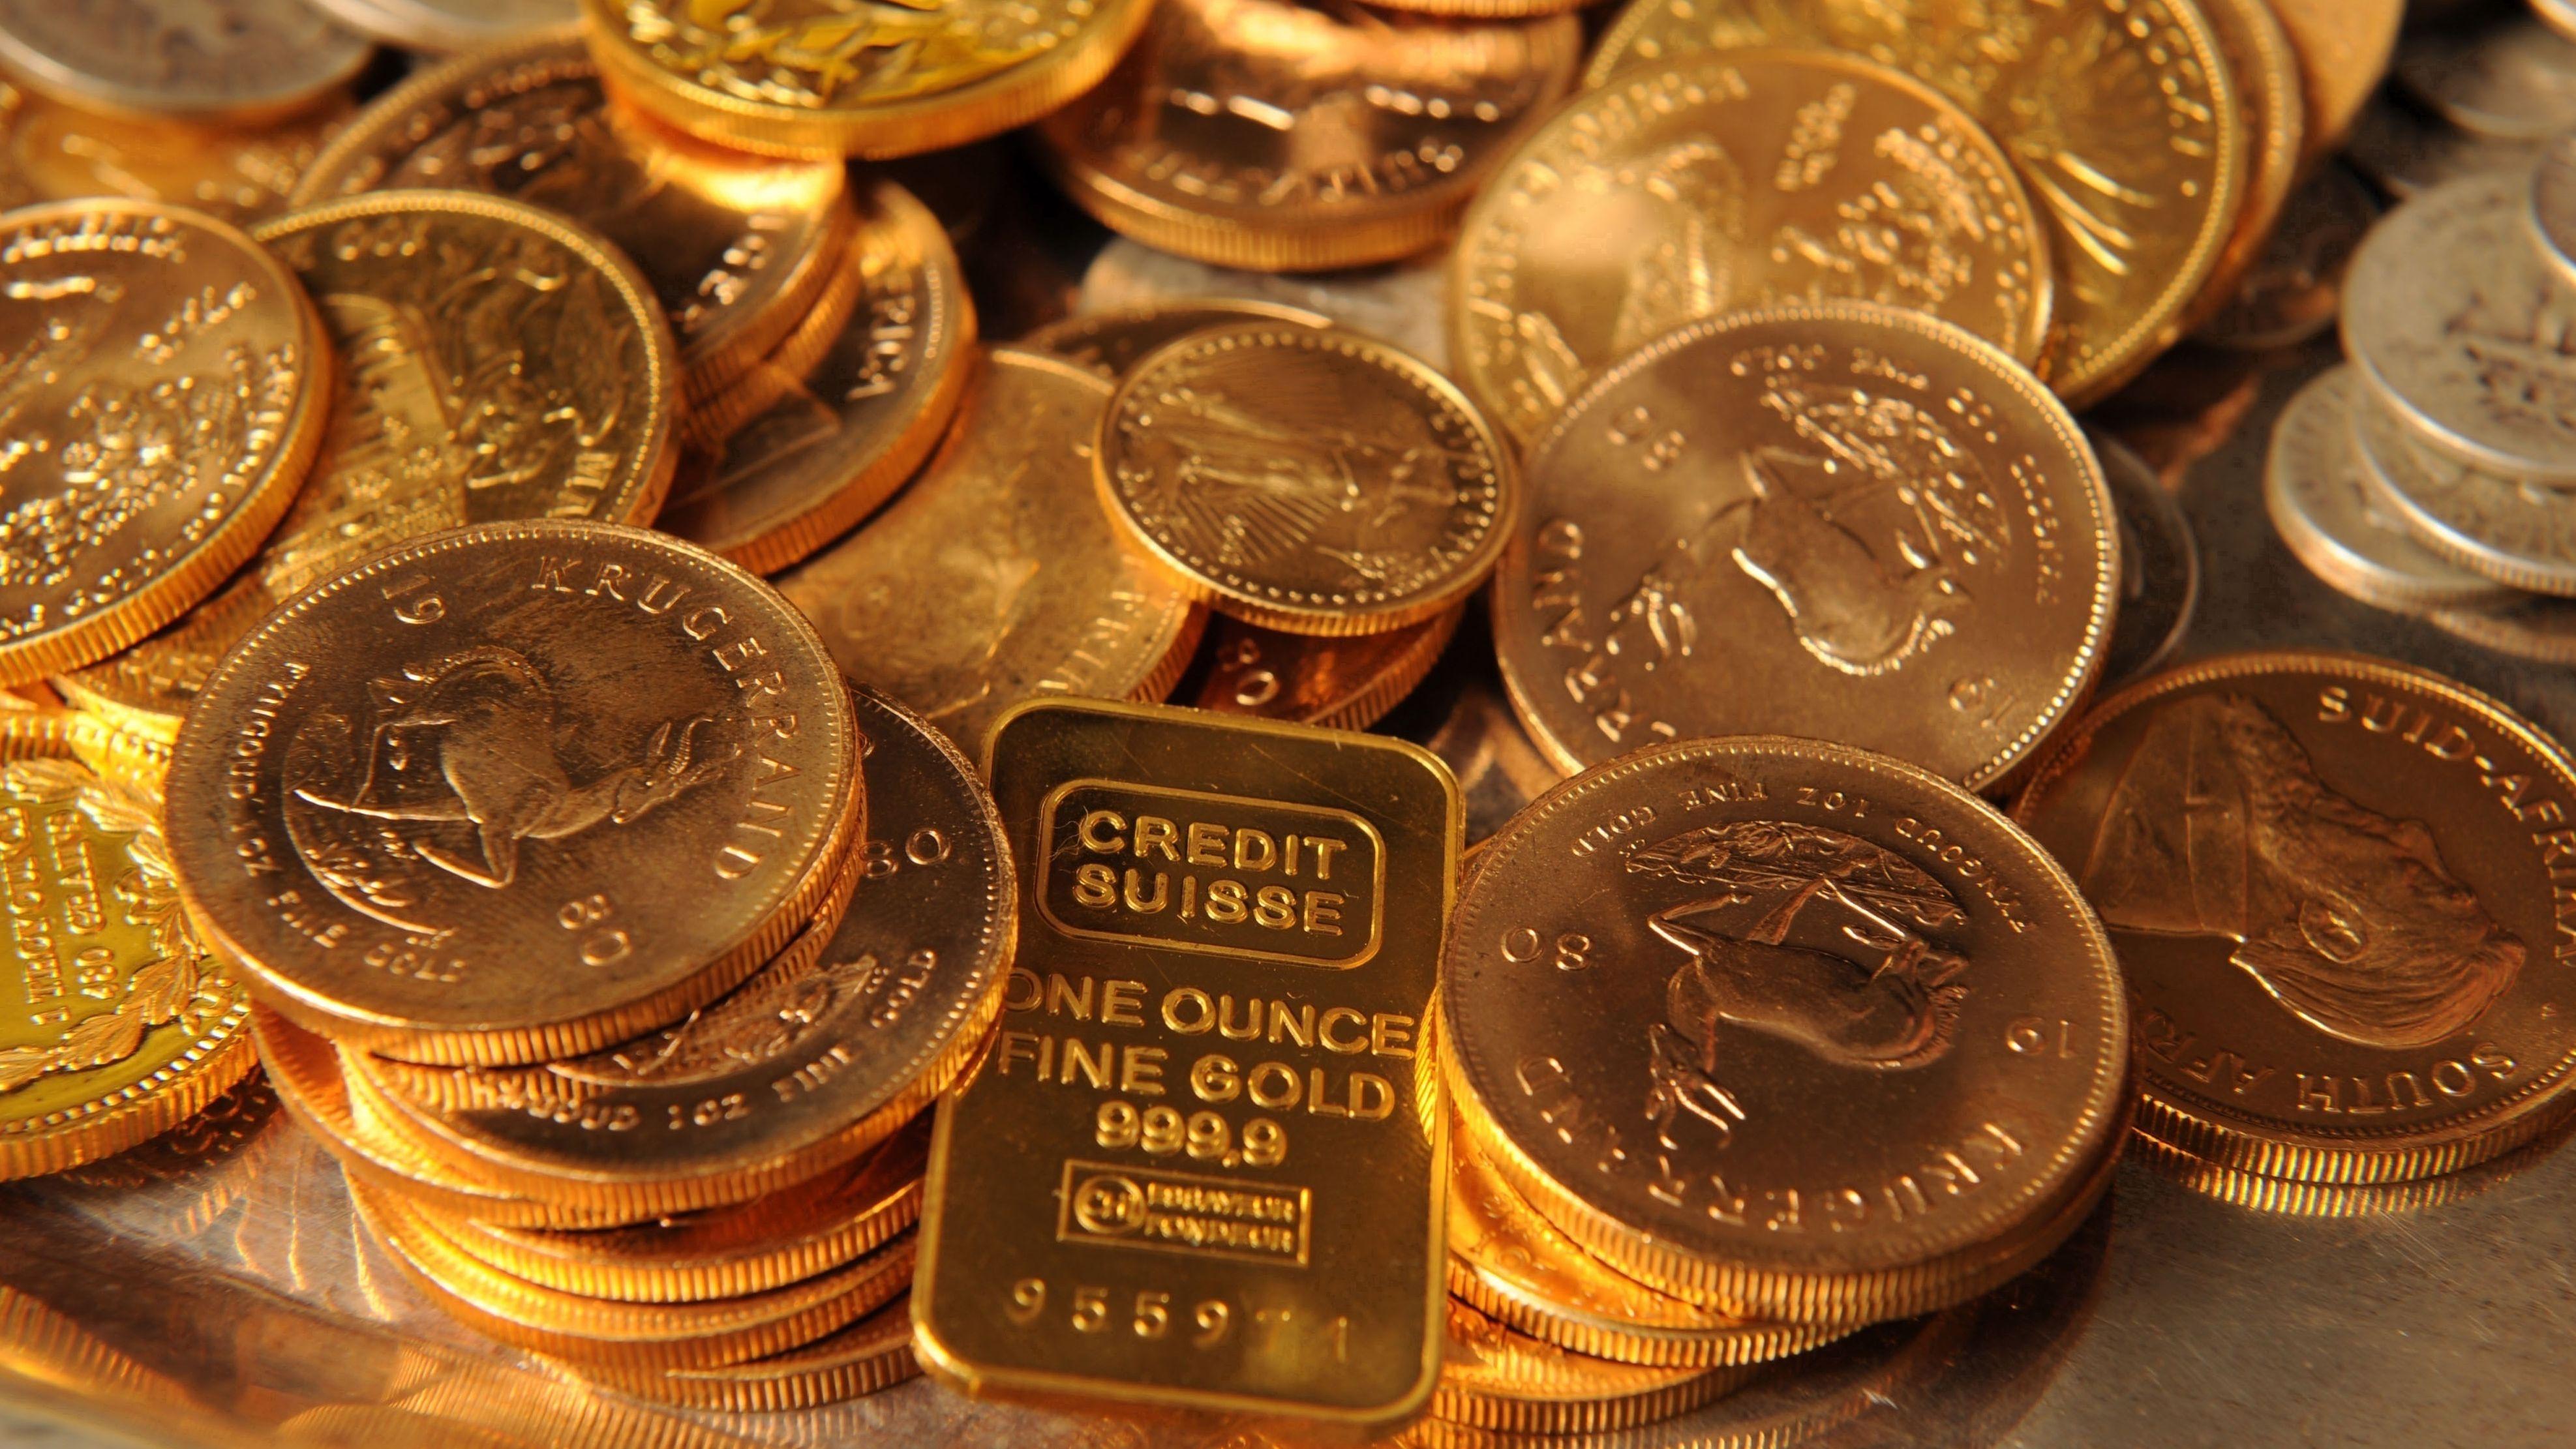 Glänzende Goldmünzen stapeln sich.